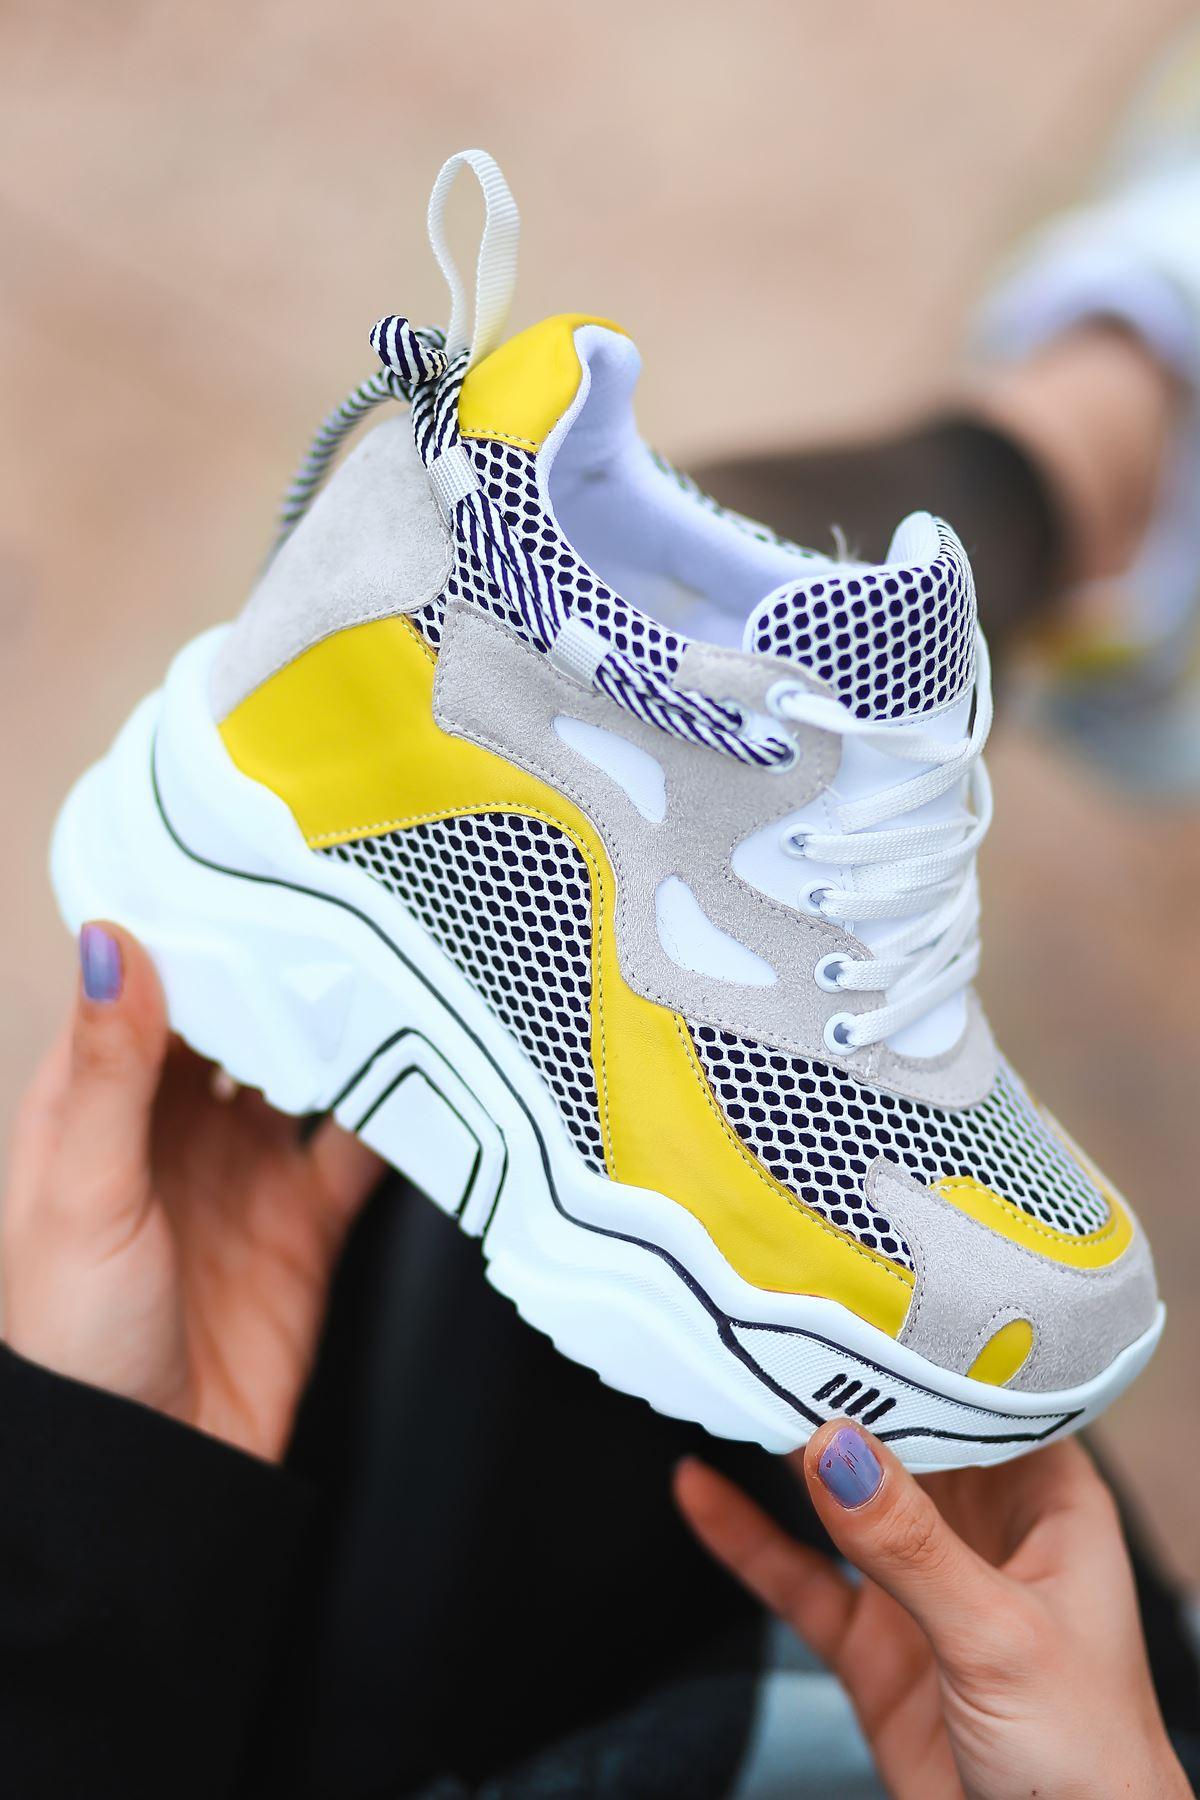 Chelsea File Detaylı Hologramlı Yüksek Topuklu Sarı Parçalı Beyaz Kadın Spor Ayakkabı